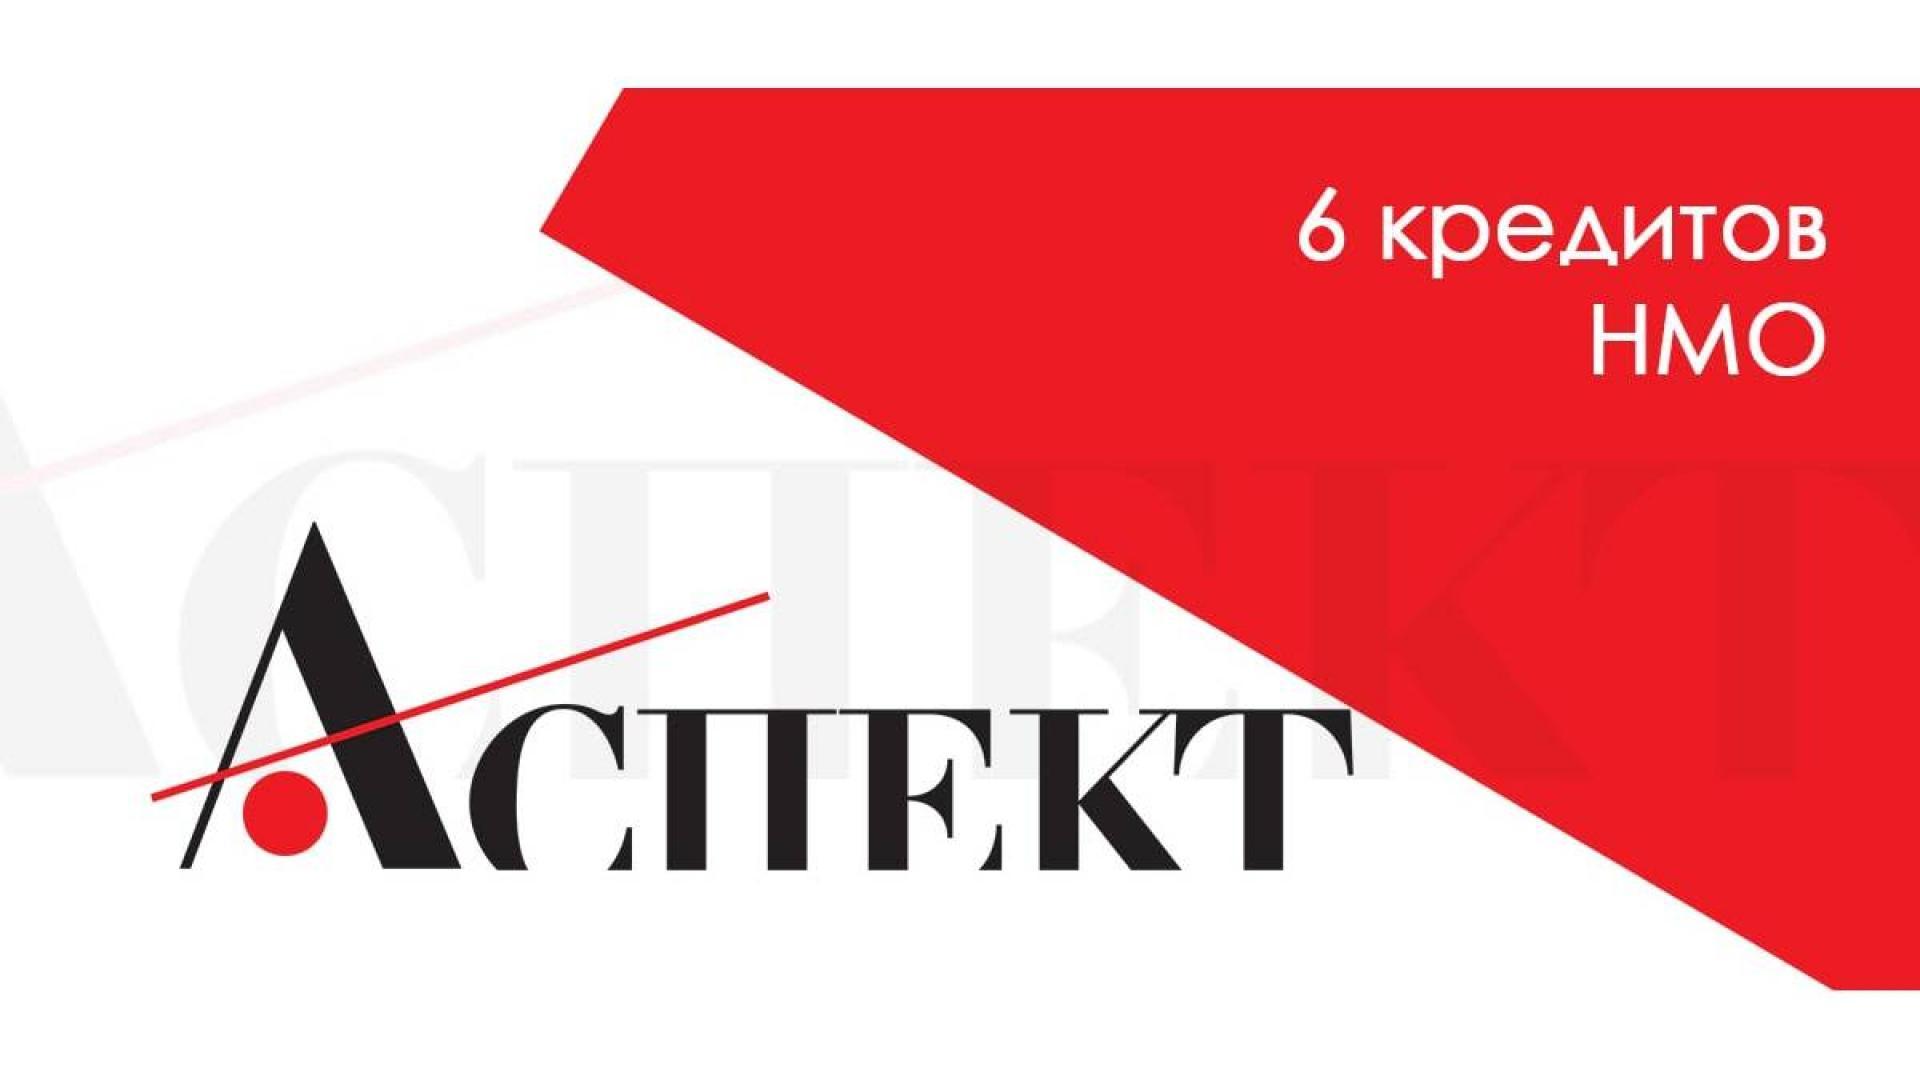 26 и 27 февраля в прямом эфире! Заседание ДОК «АСПЕКТ» г. Волгоград